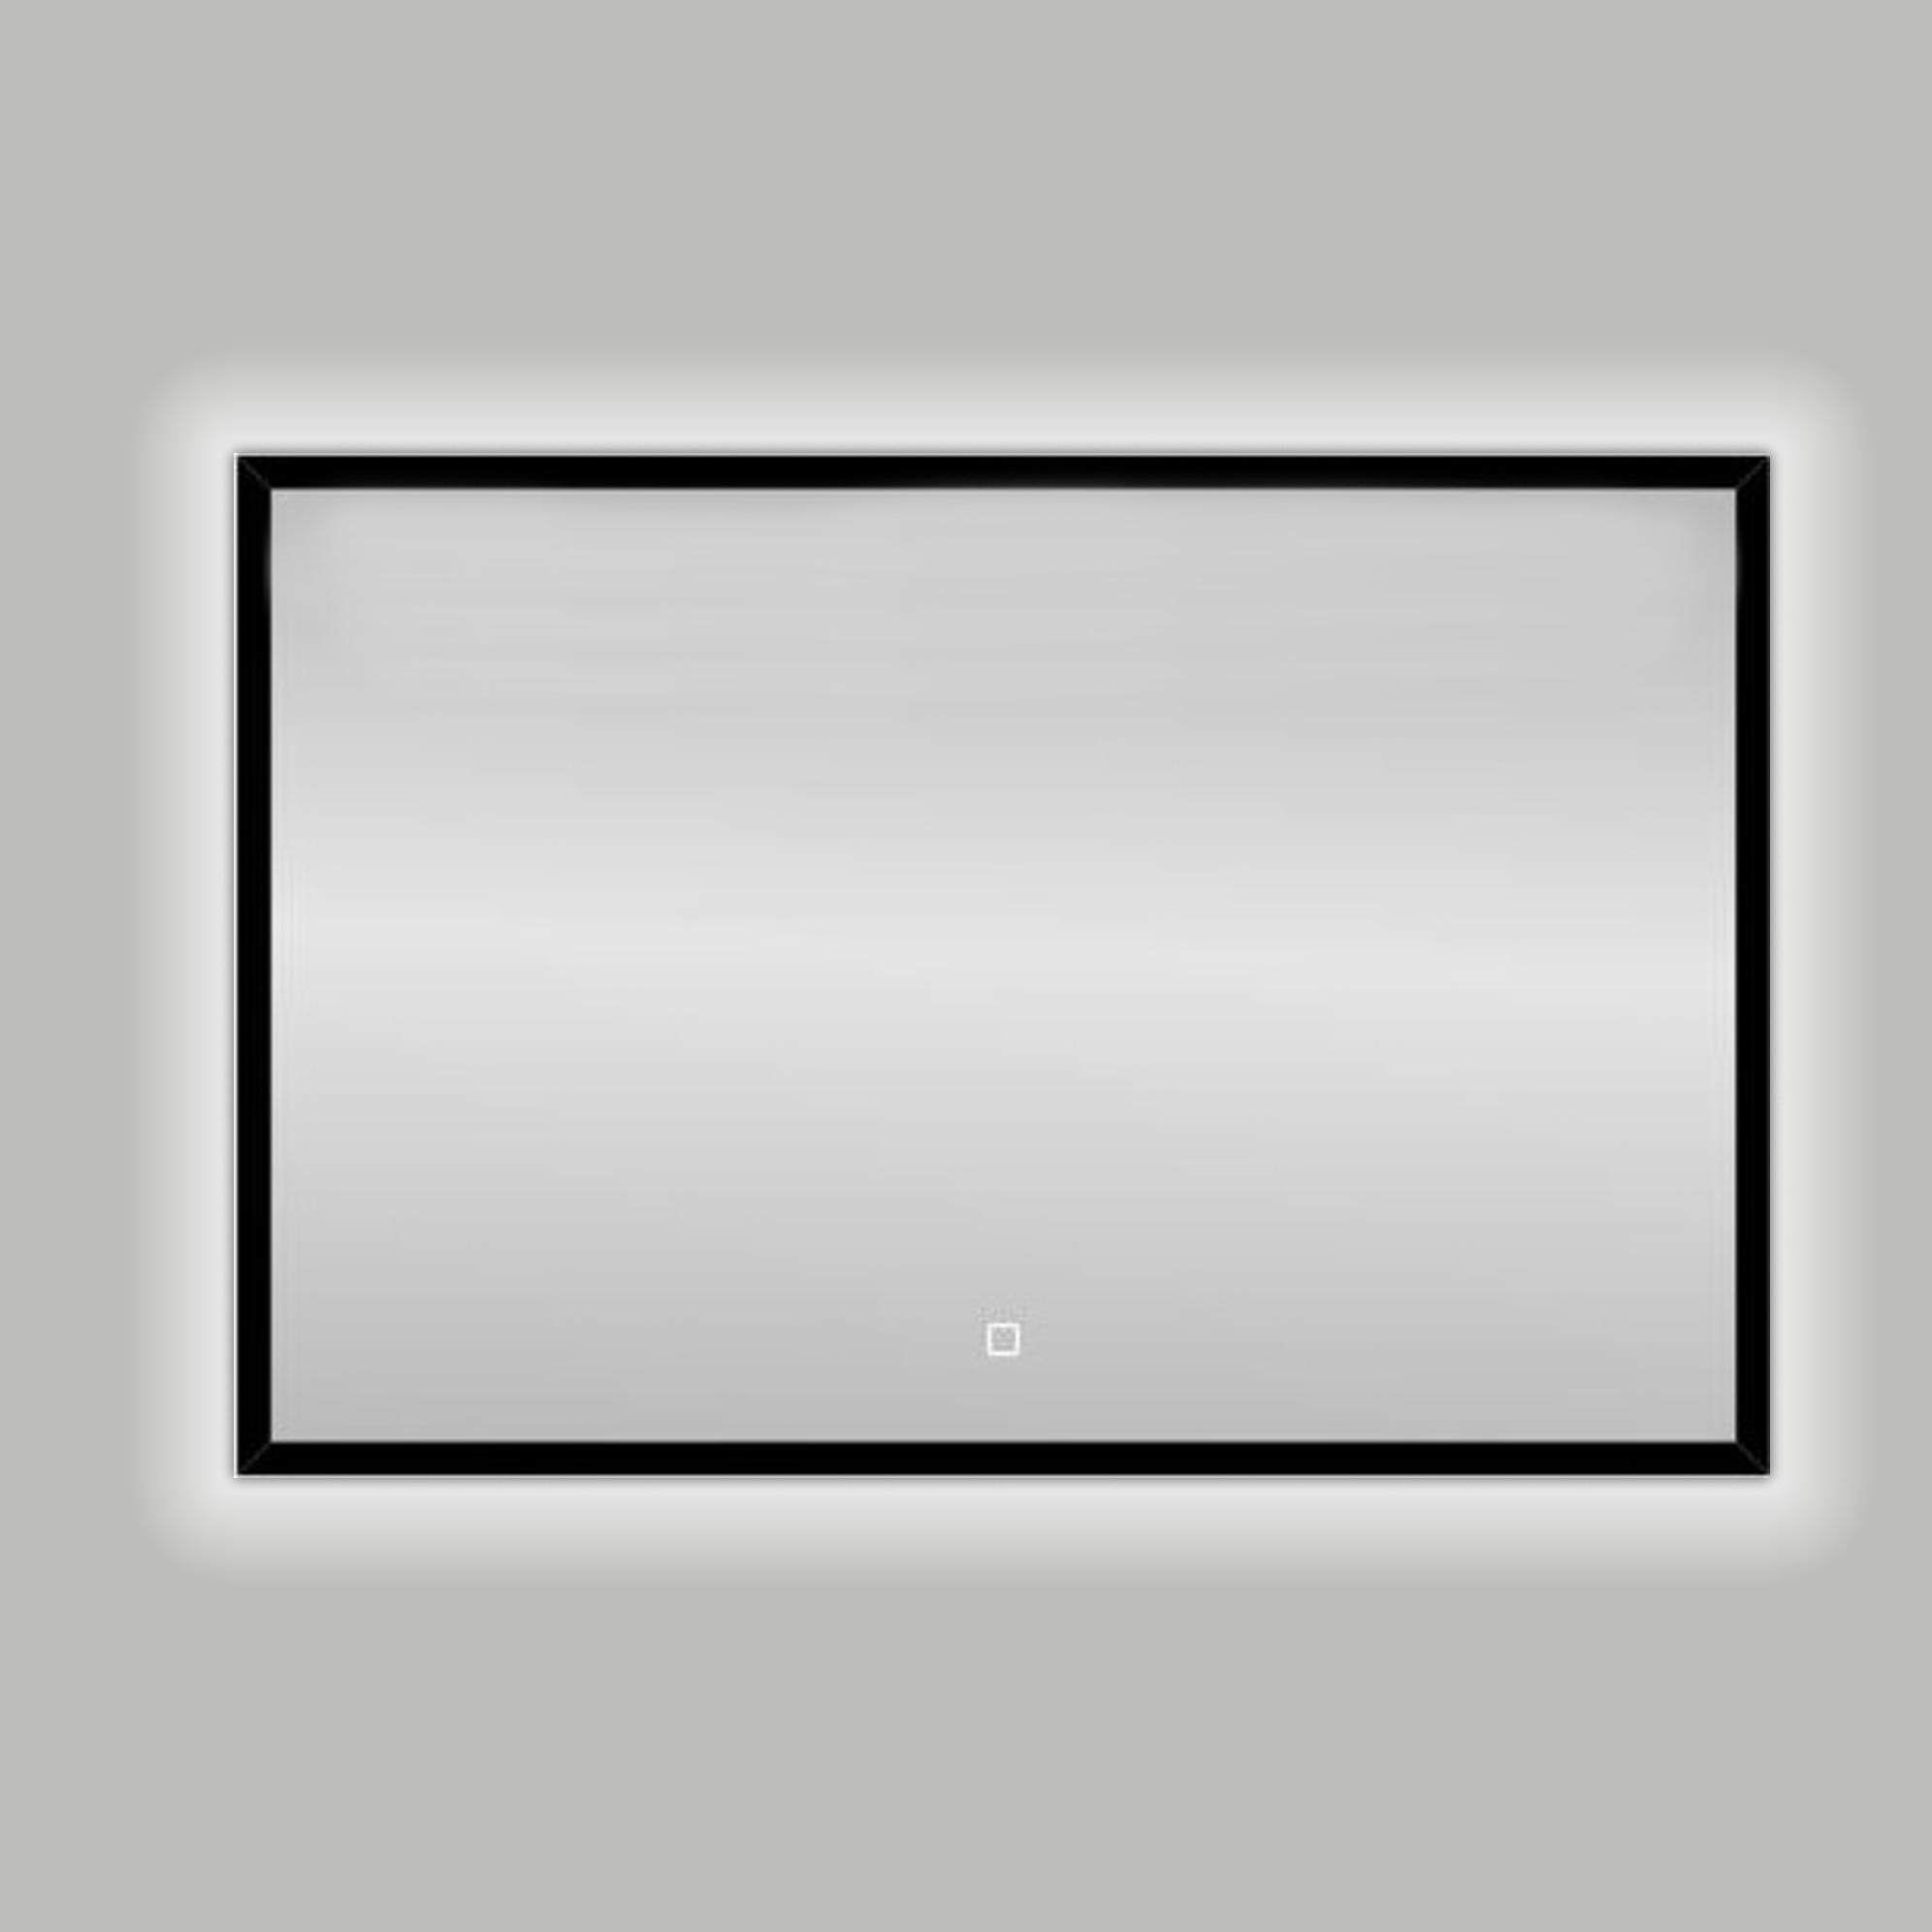 Badkamerspiegel Best Design Nero LED Verlichting 120x80 cm Mat Zwart